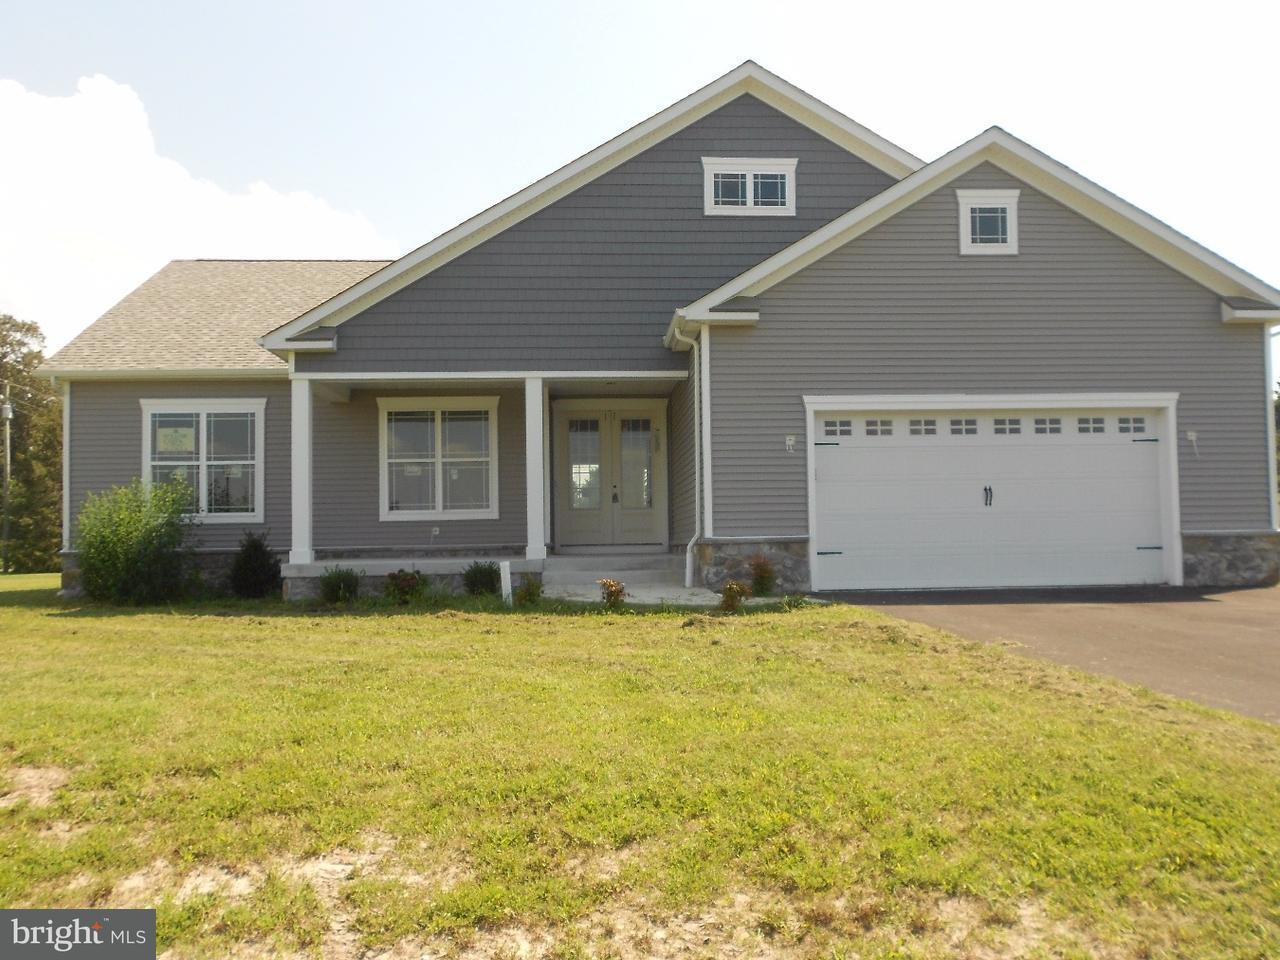 Maison unifamiliale pour l Vente à 25925 BLIZZARD BLVD Georgetown, Delaware 19947 États-Unis